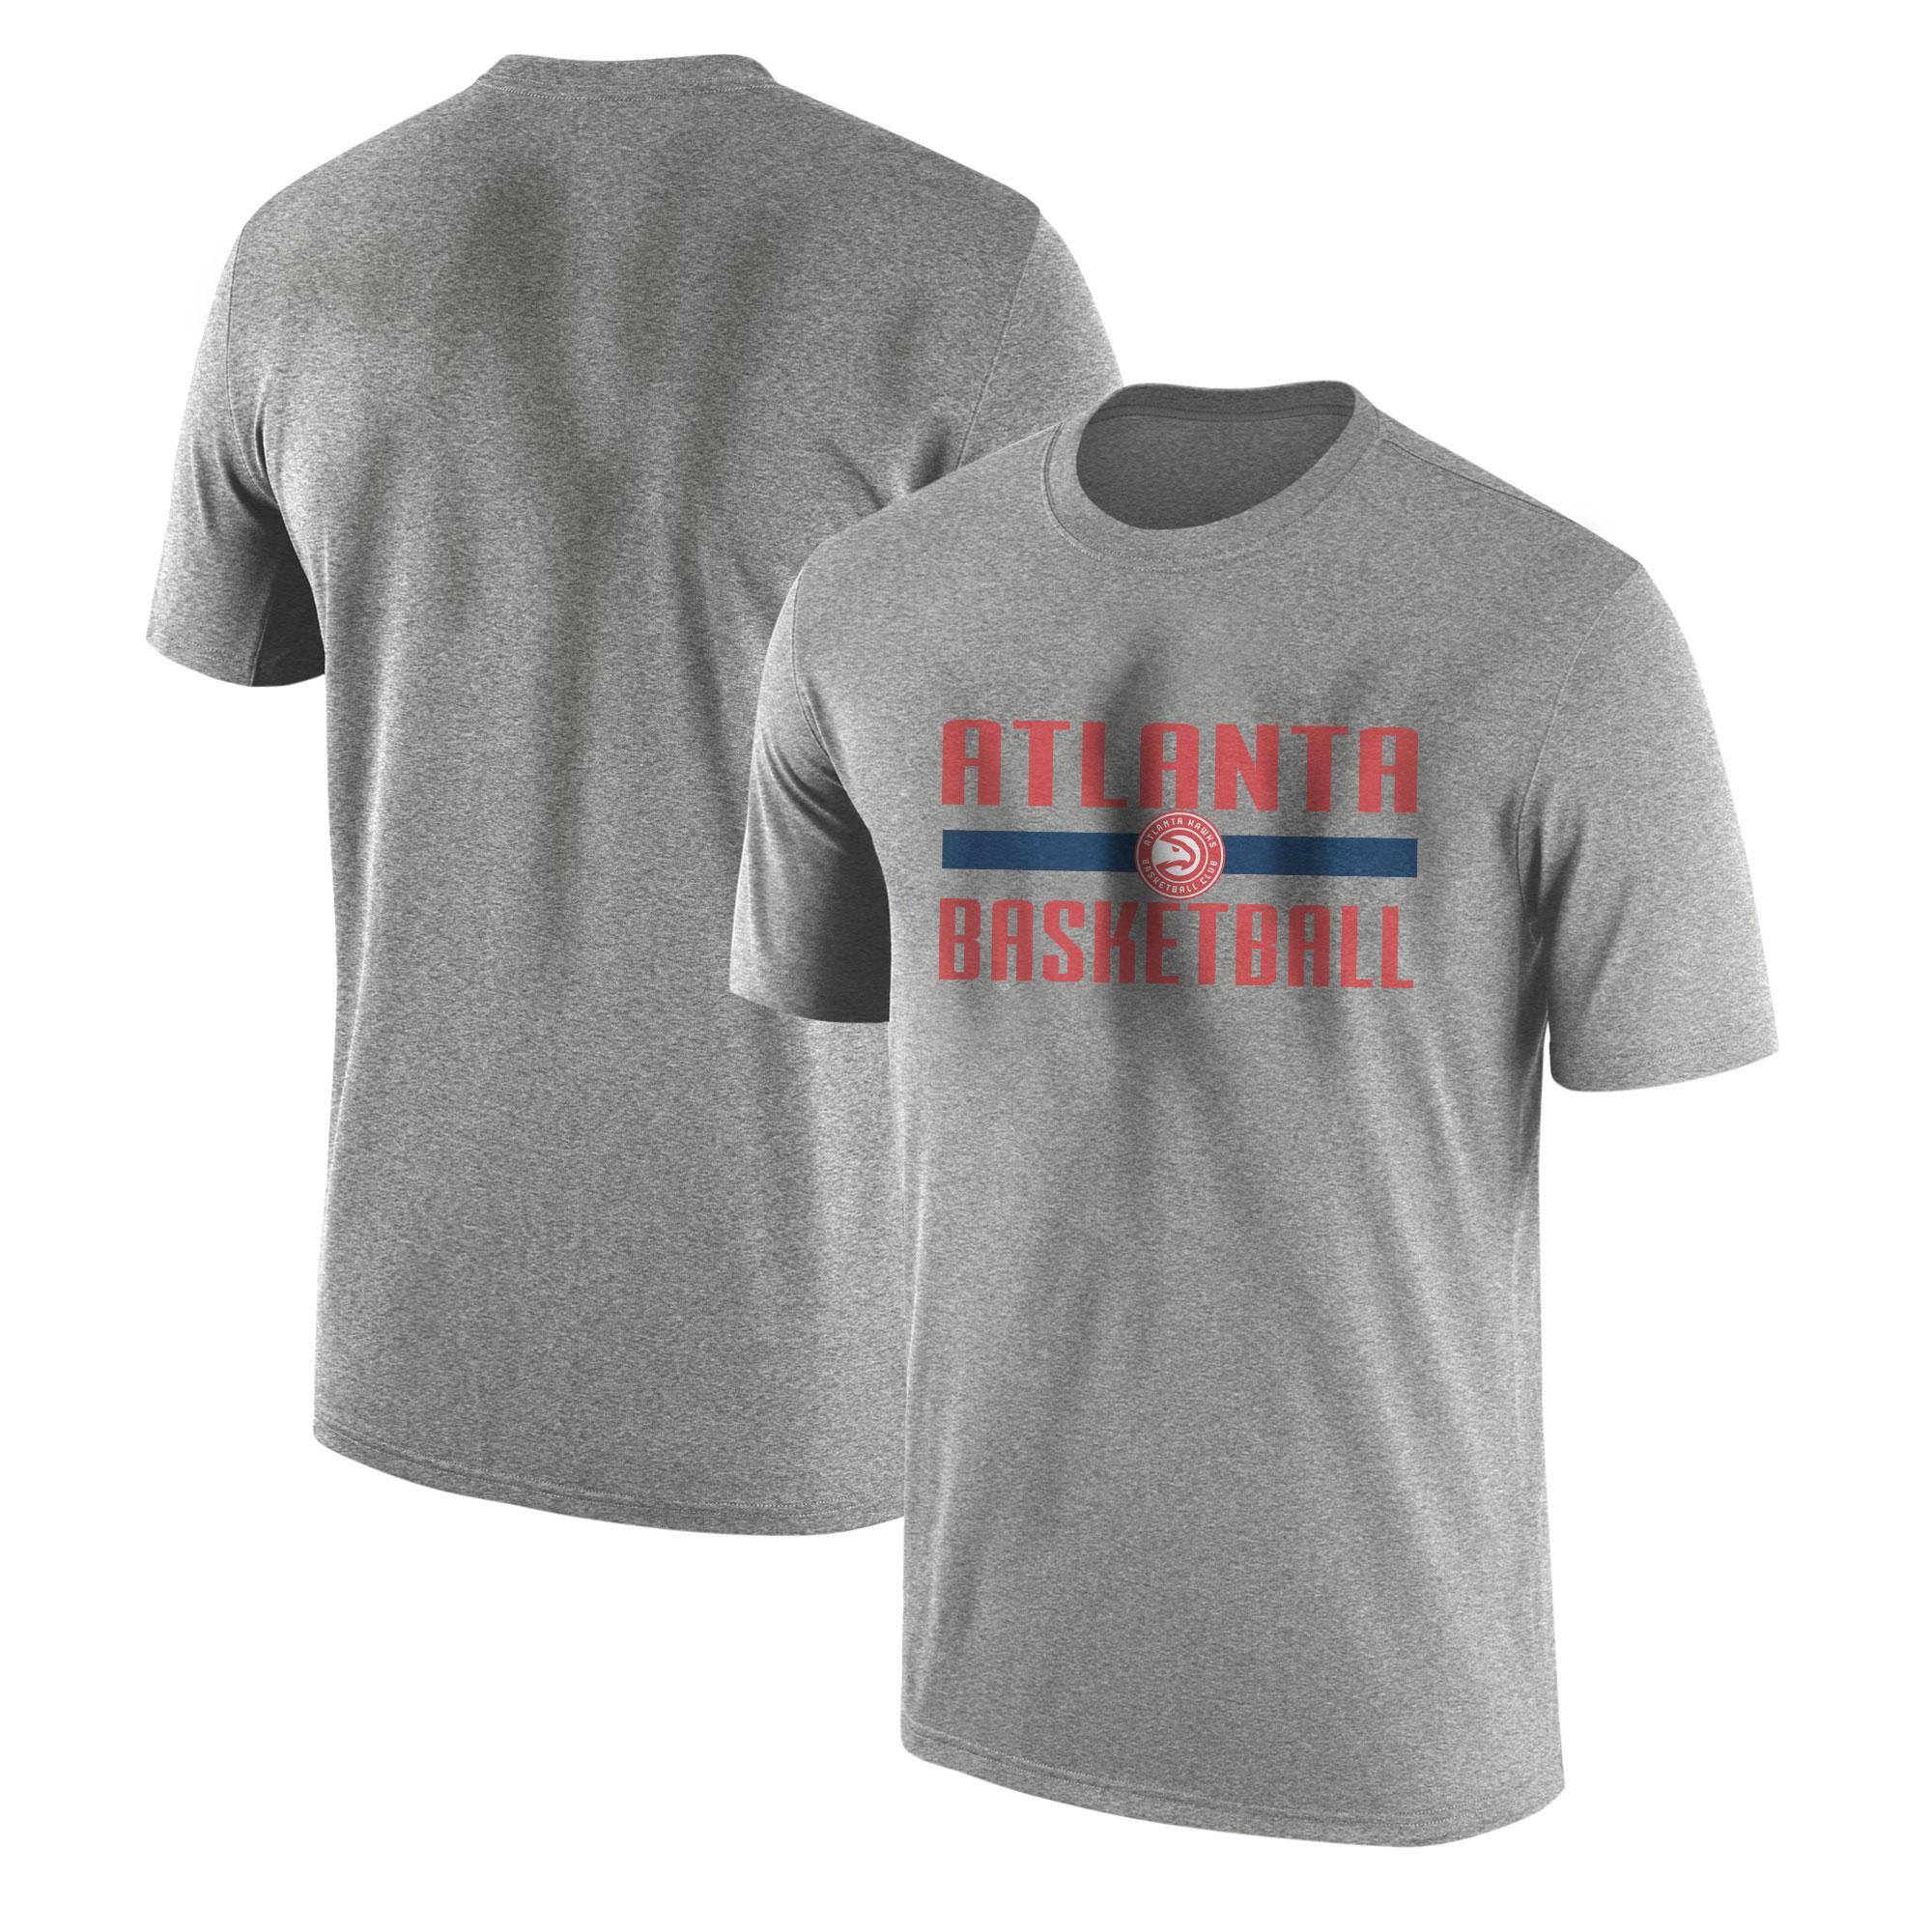 Atlanta Basketball Tshirt (TSH-GRY-NP-atl.bsktbll-650)